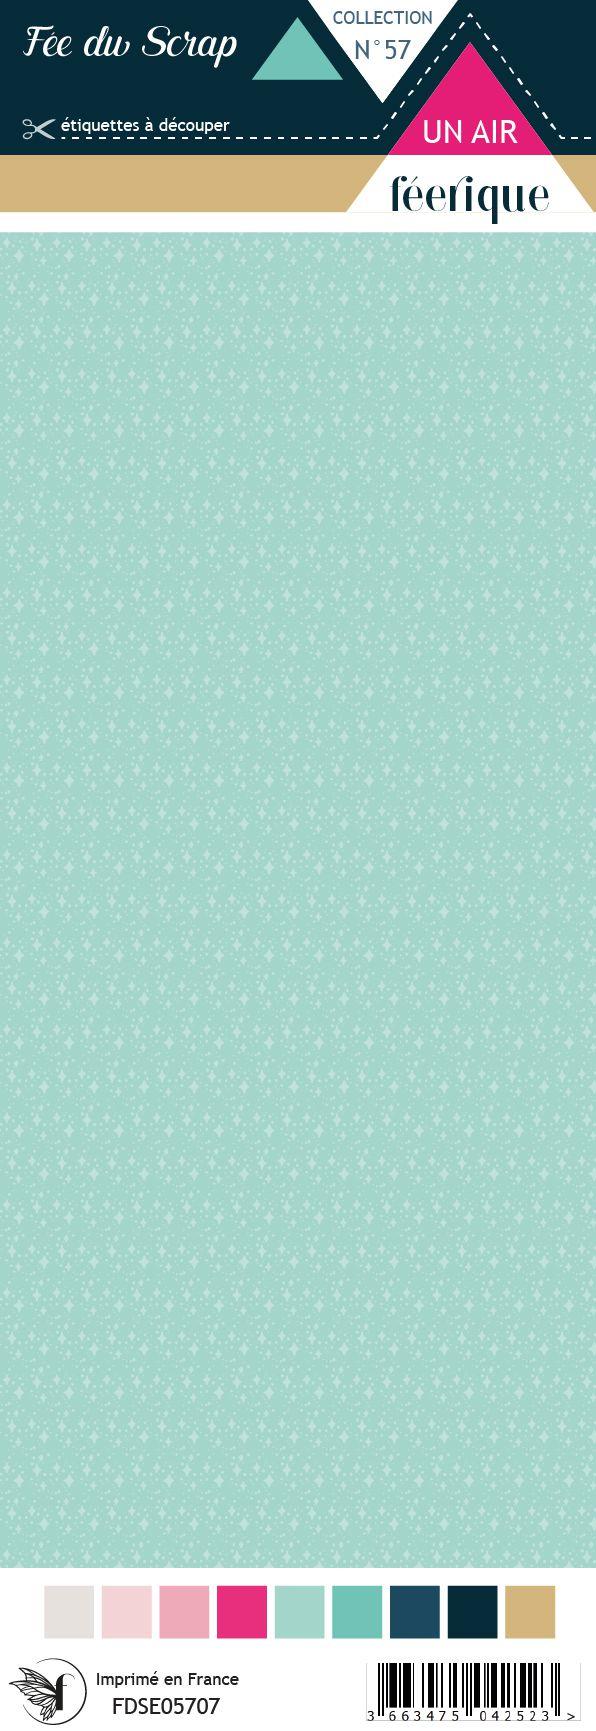 Etiquette un air féérique - Fond turquoise